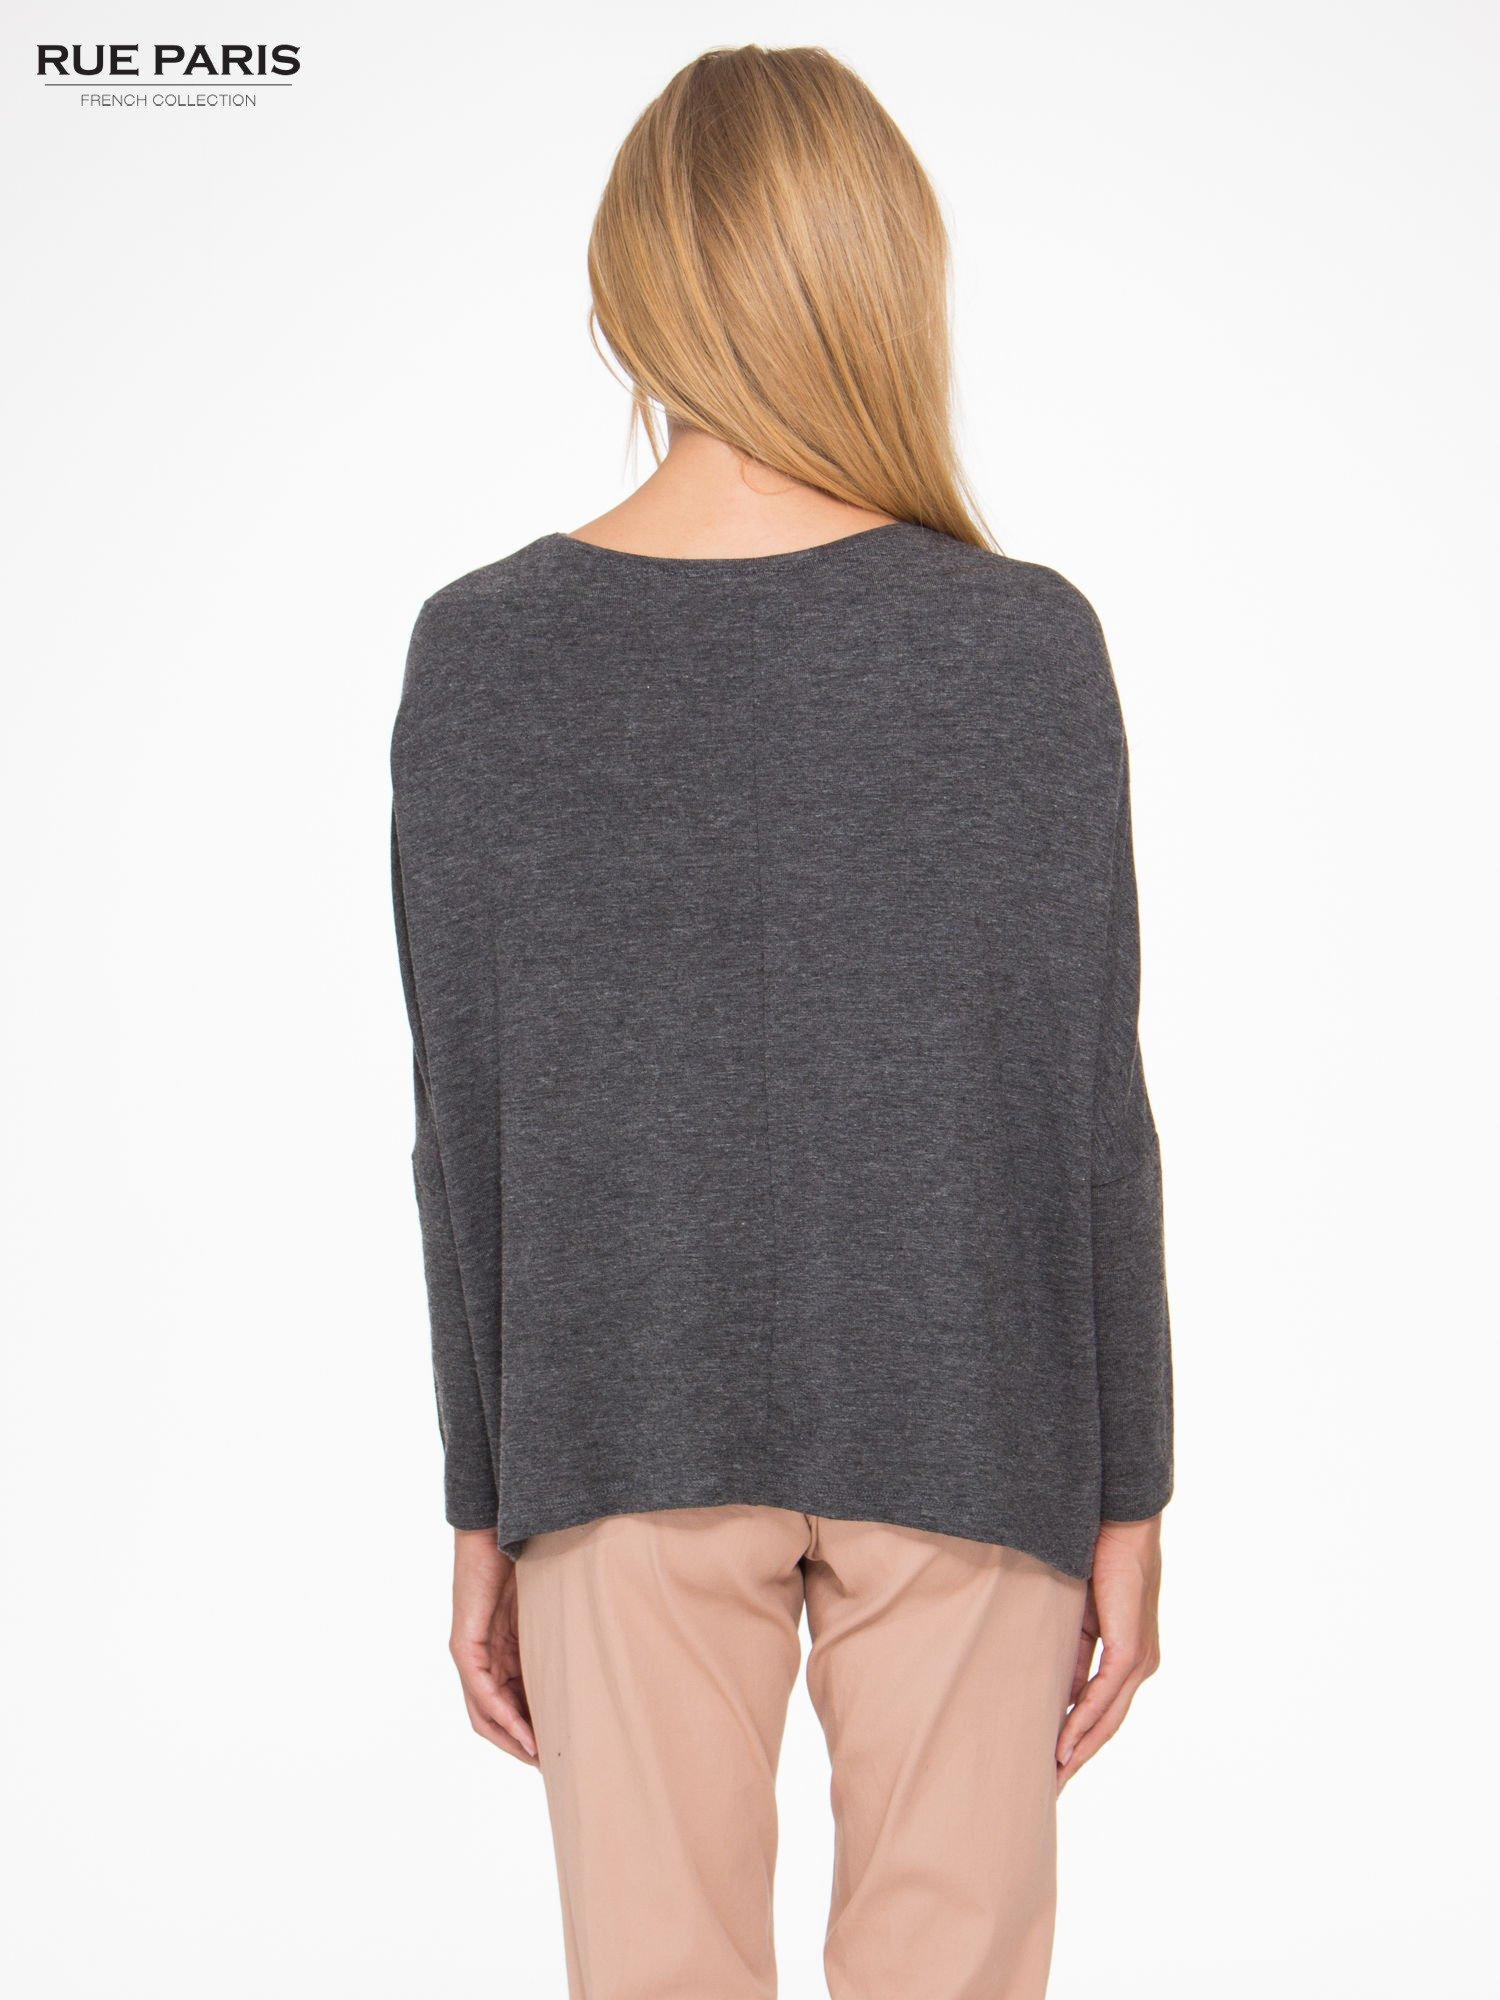 Ciemnoszara bluzka oversize o obniżonej linii ramion                                  zdj.                                  4